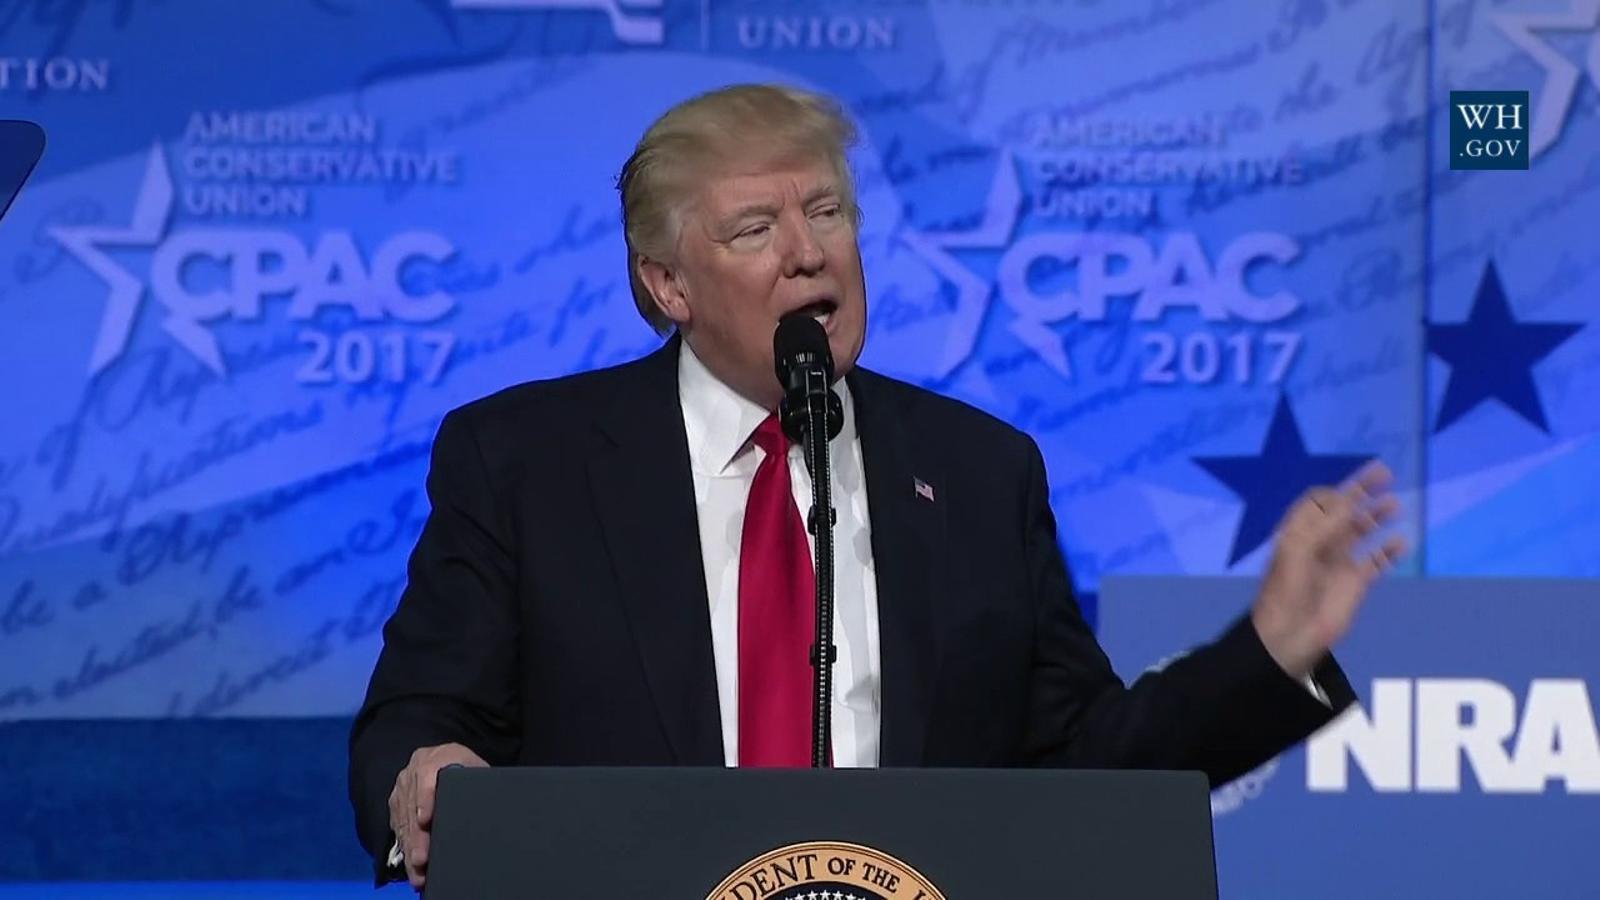 Trump promet accelerar  el mur fronterer i les deportacions